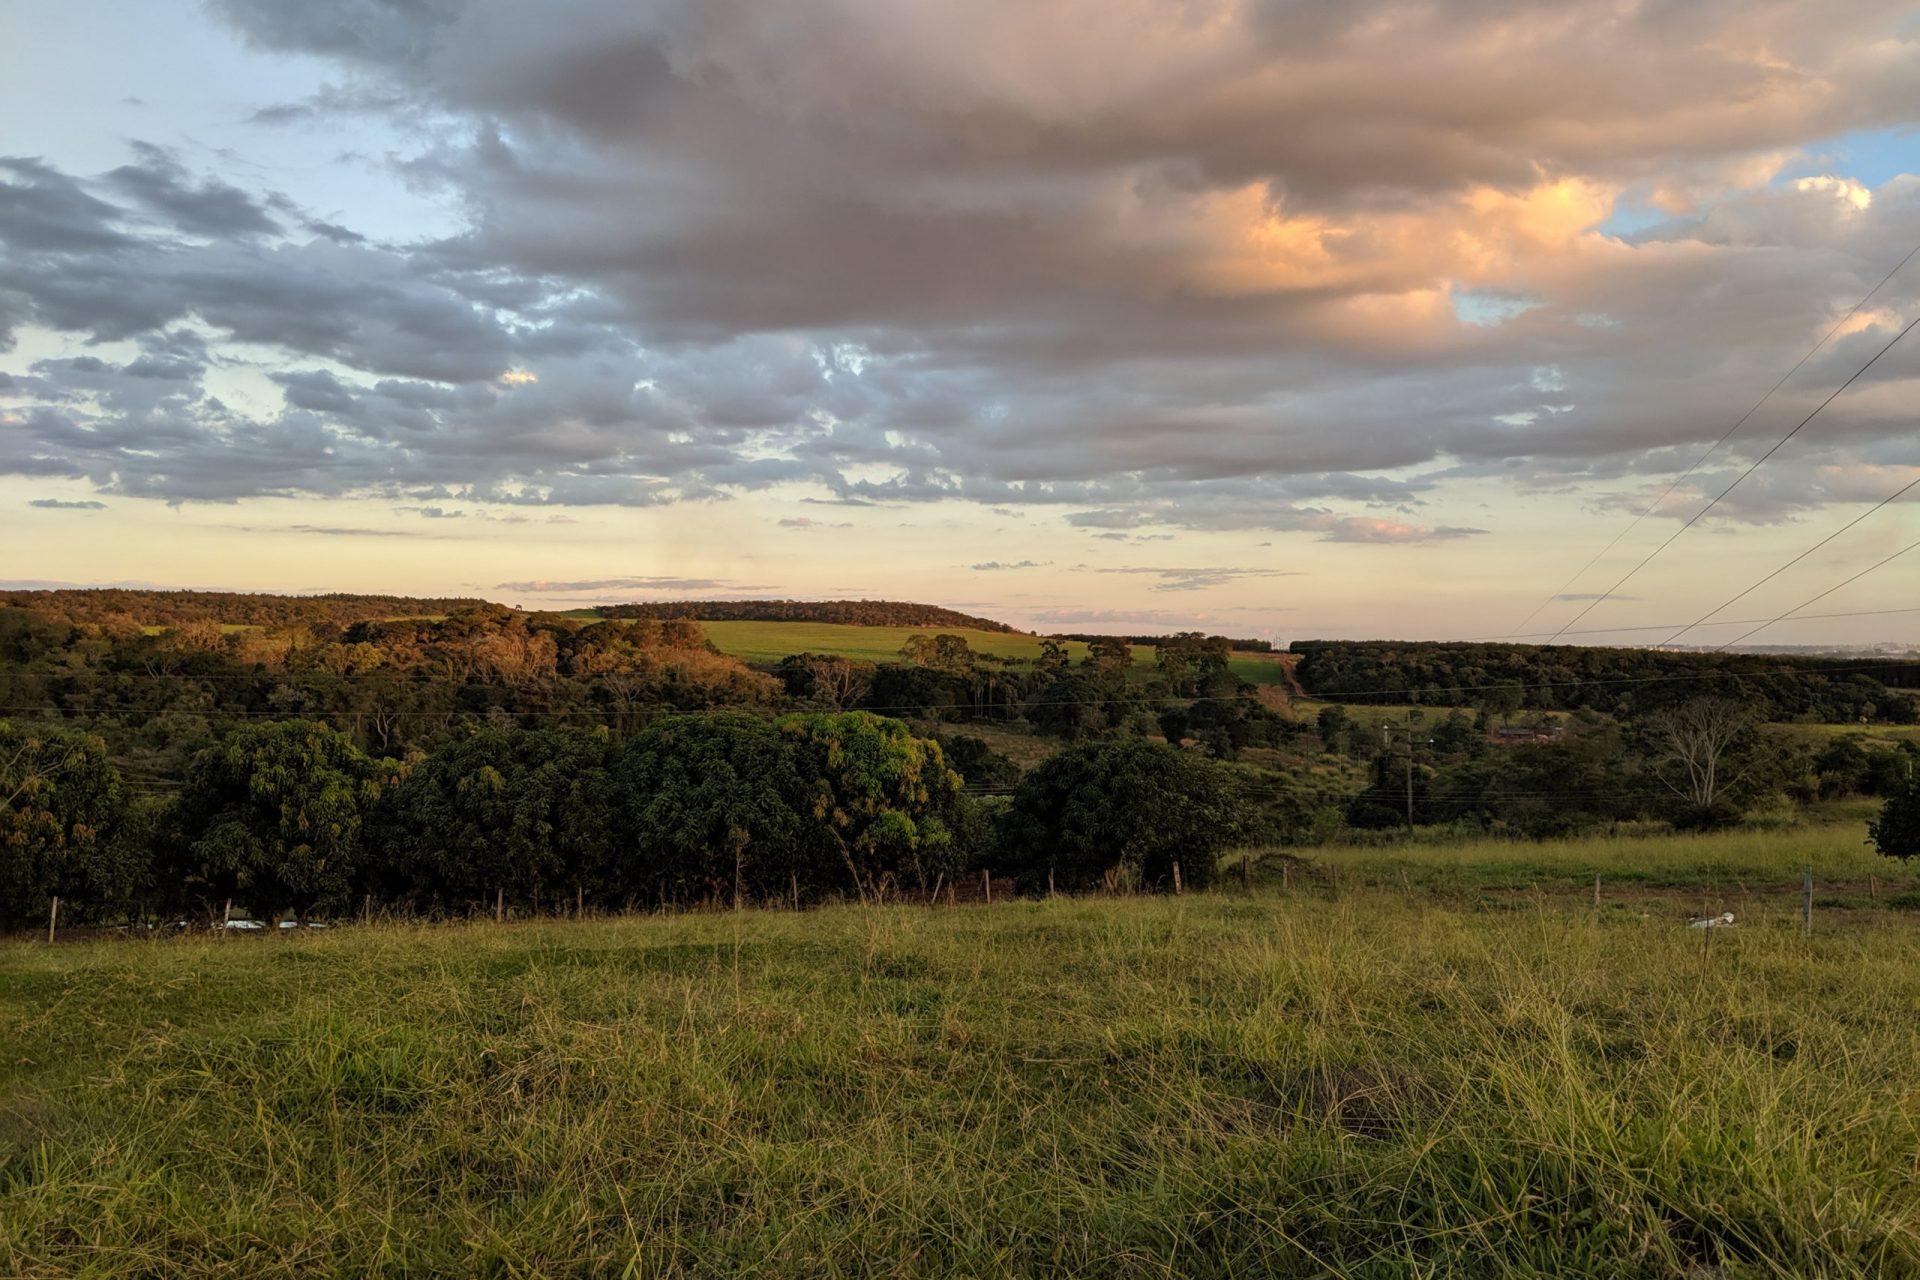 private farm in Brazil at dusk